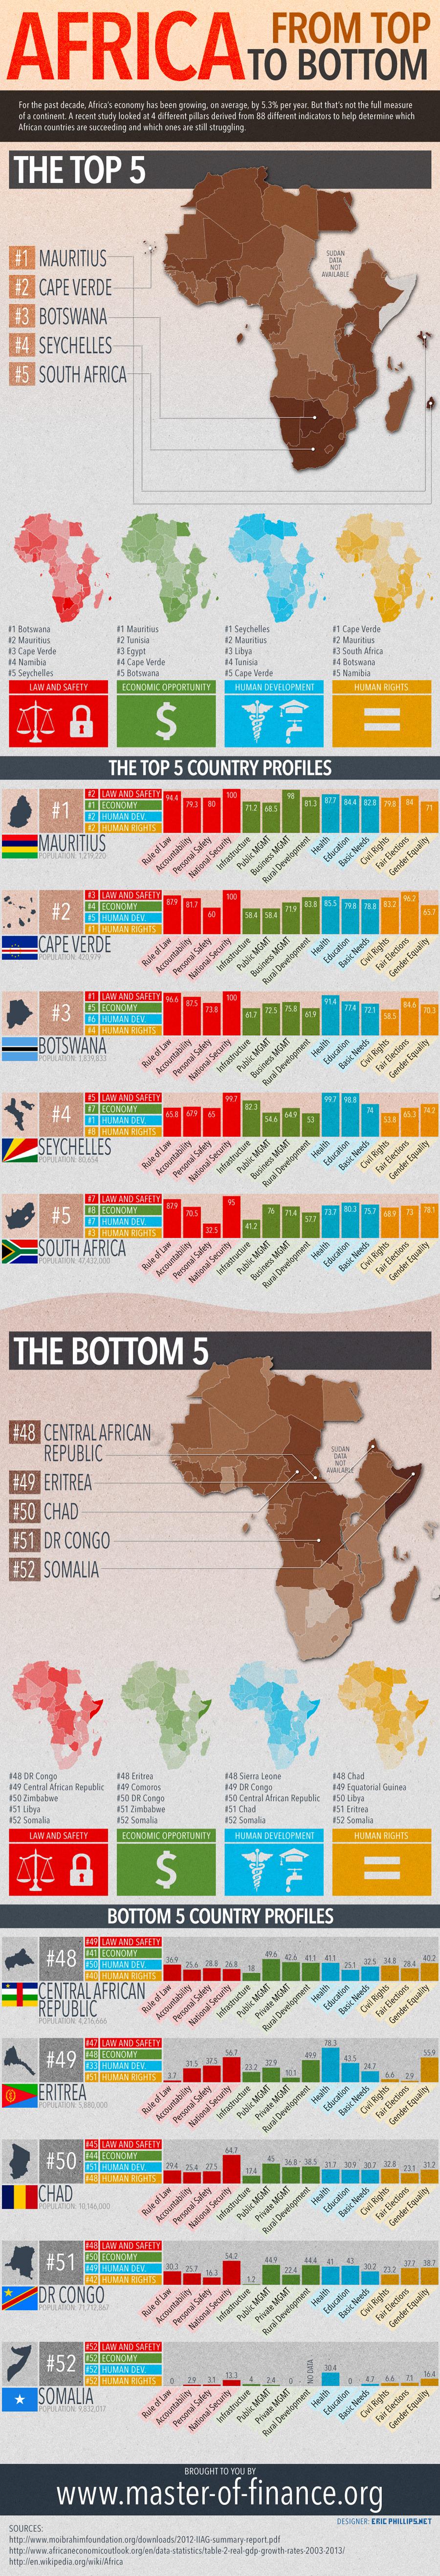 The Top Economies in Africa